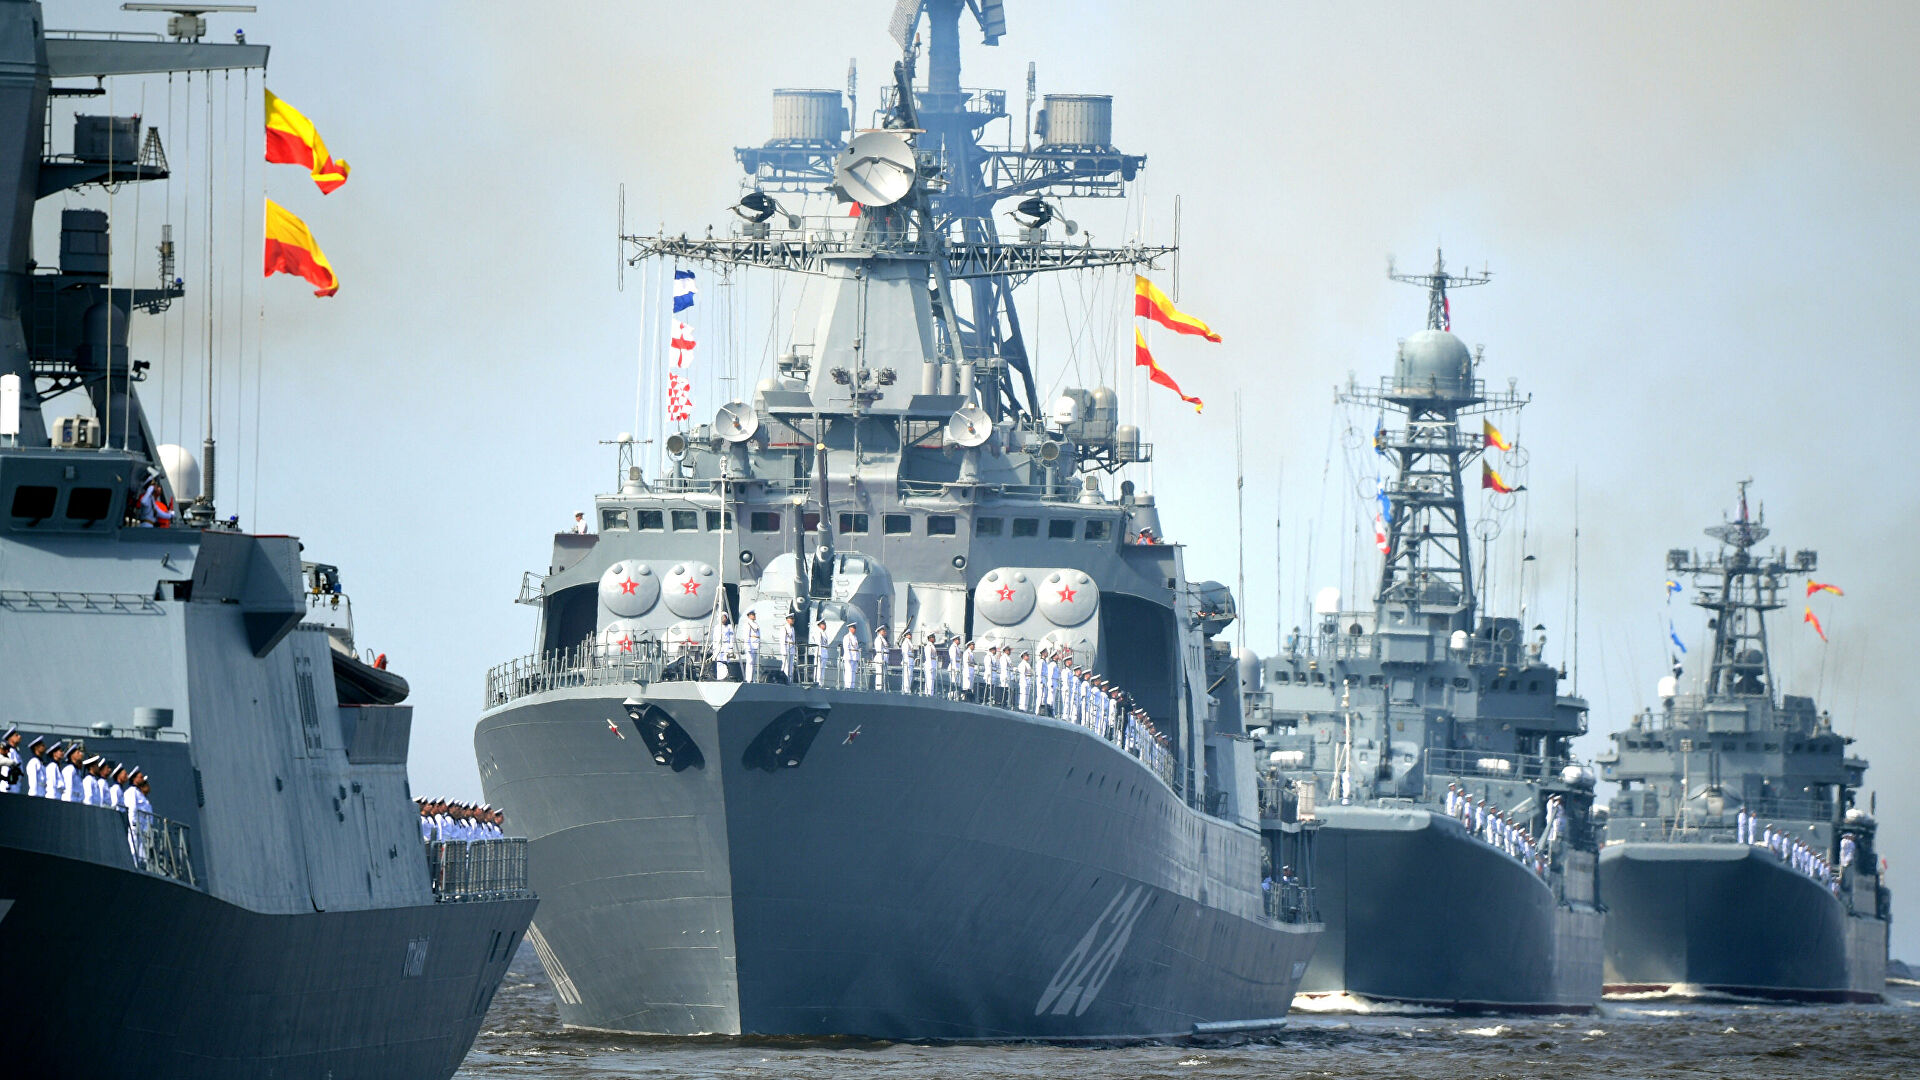 Дан Војно-поморске флоте Руске Федерације